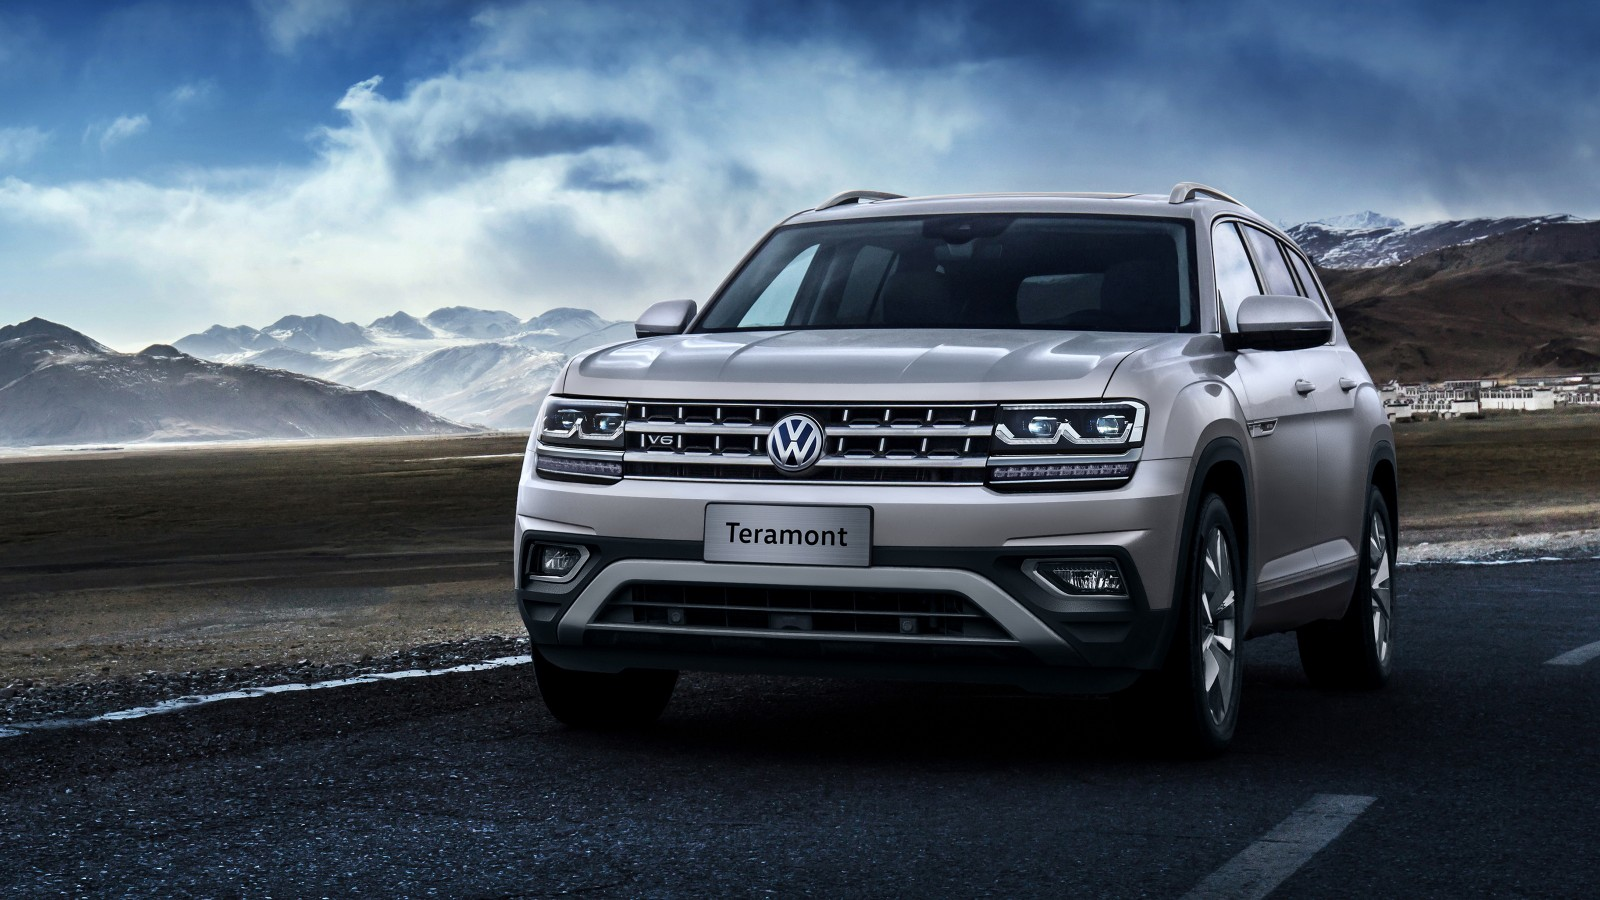 2019 Volkswagen Teramont Wallpaper